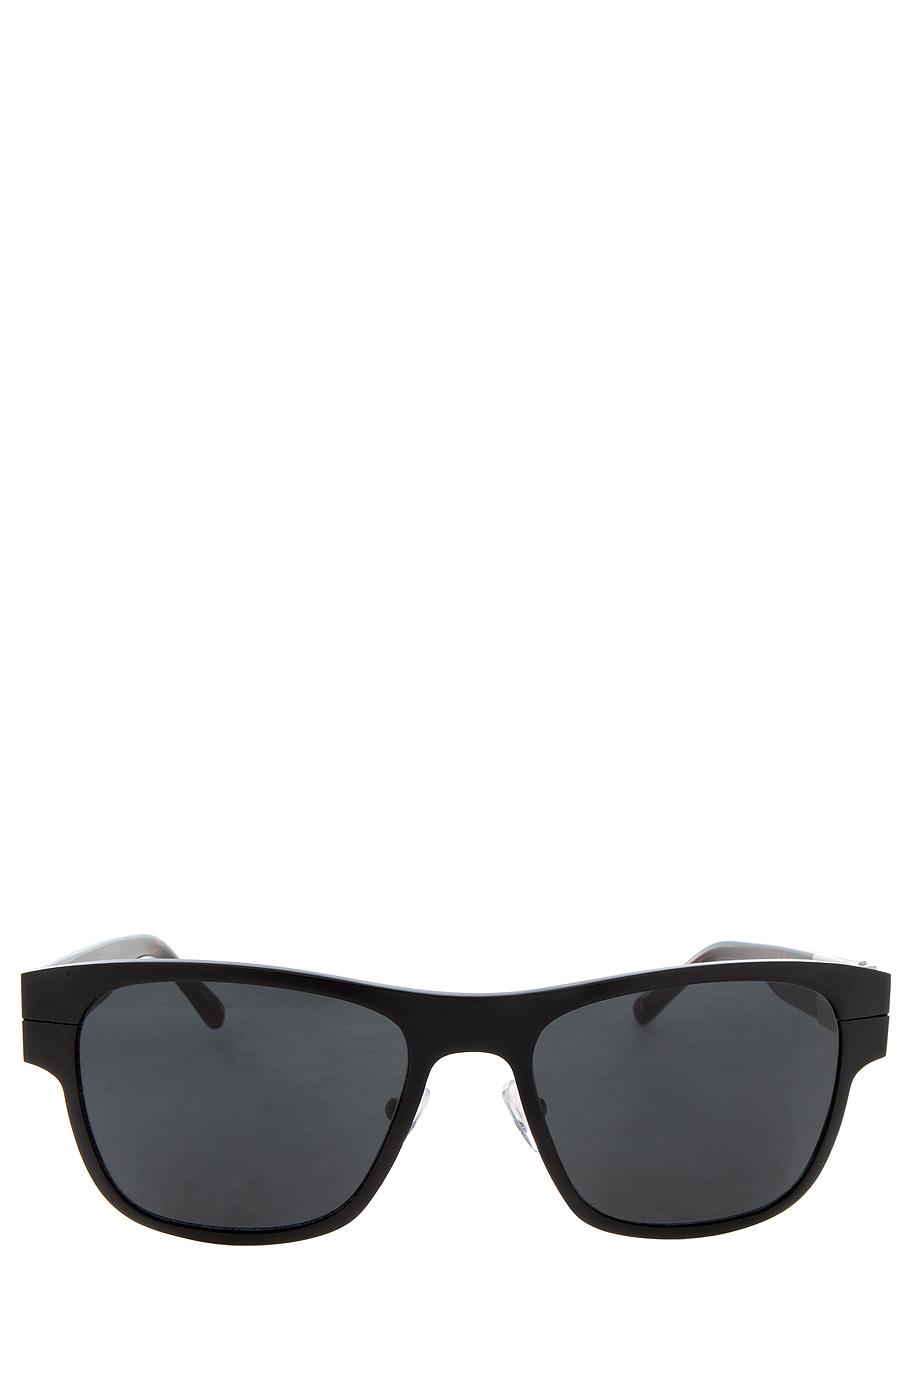 3 1 phillip lim black aluminium sunglasses in black for